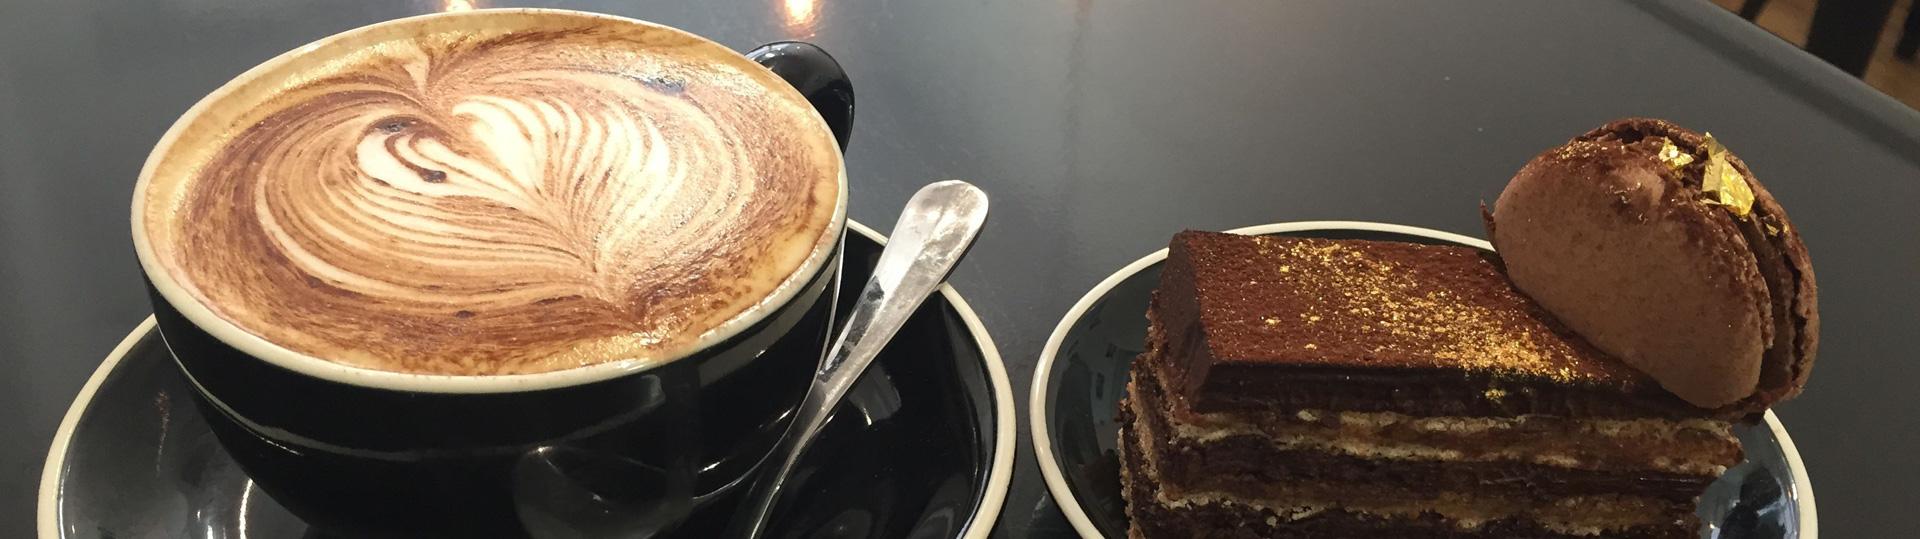 Coffees, Teas & Cakes